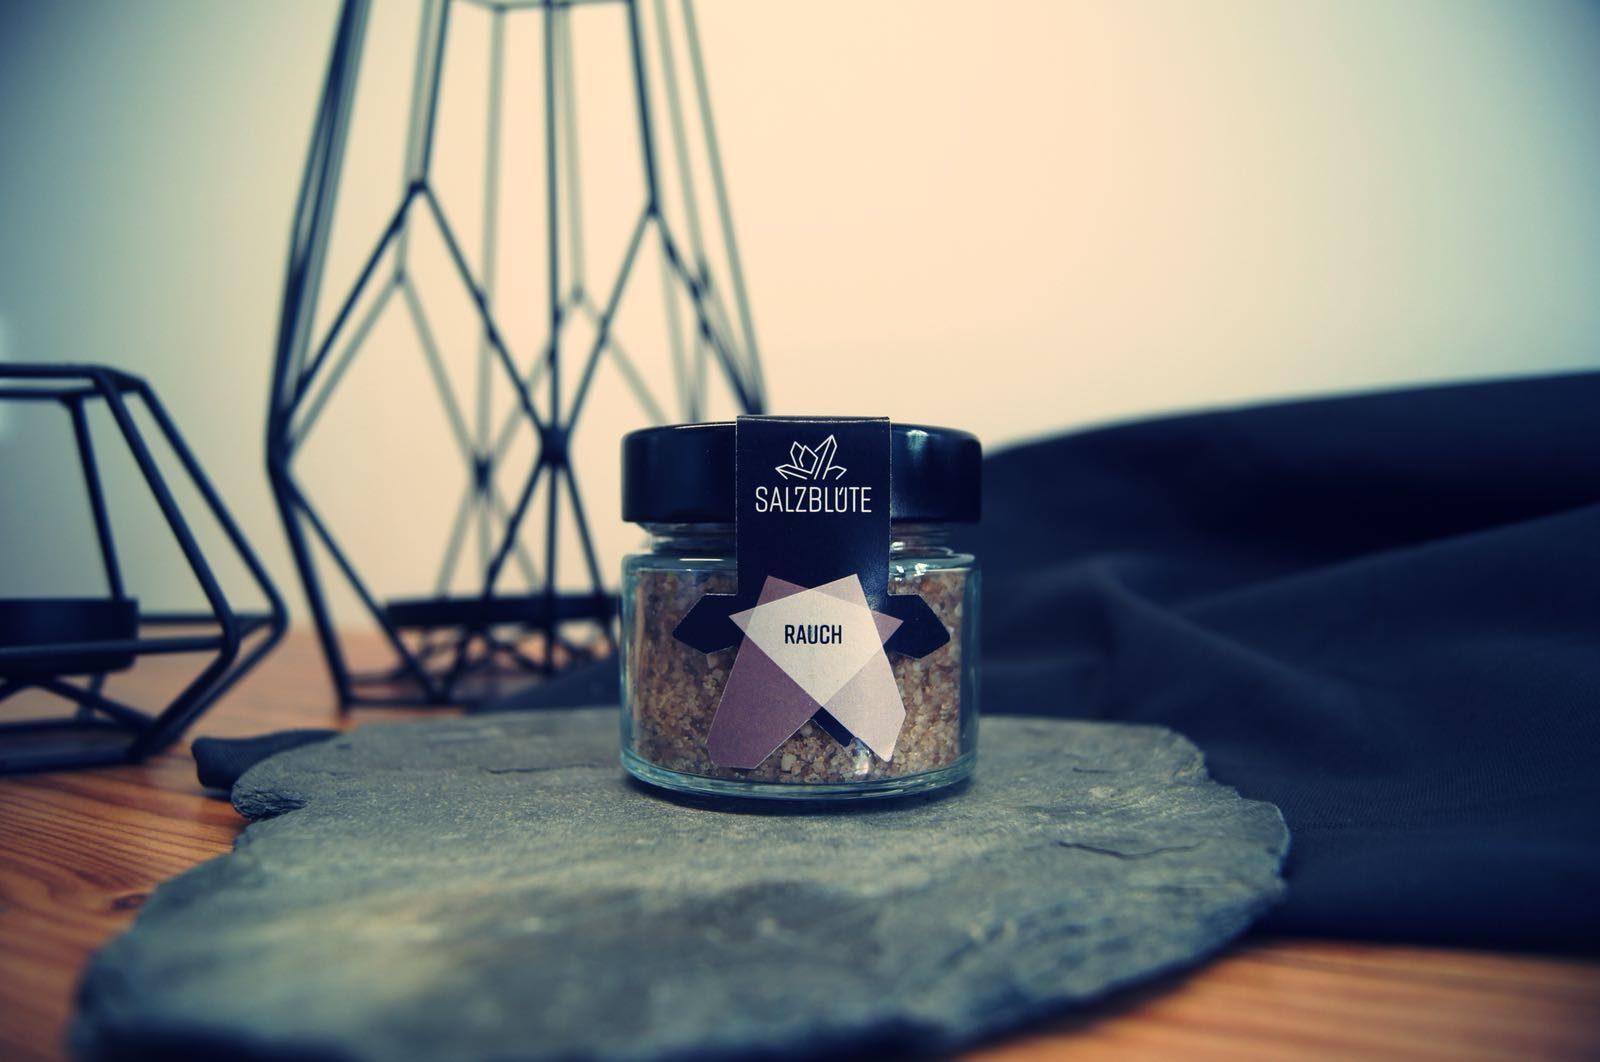 Rauch Salz Produktbild